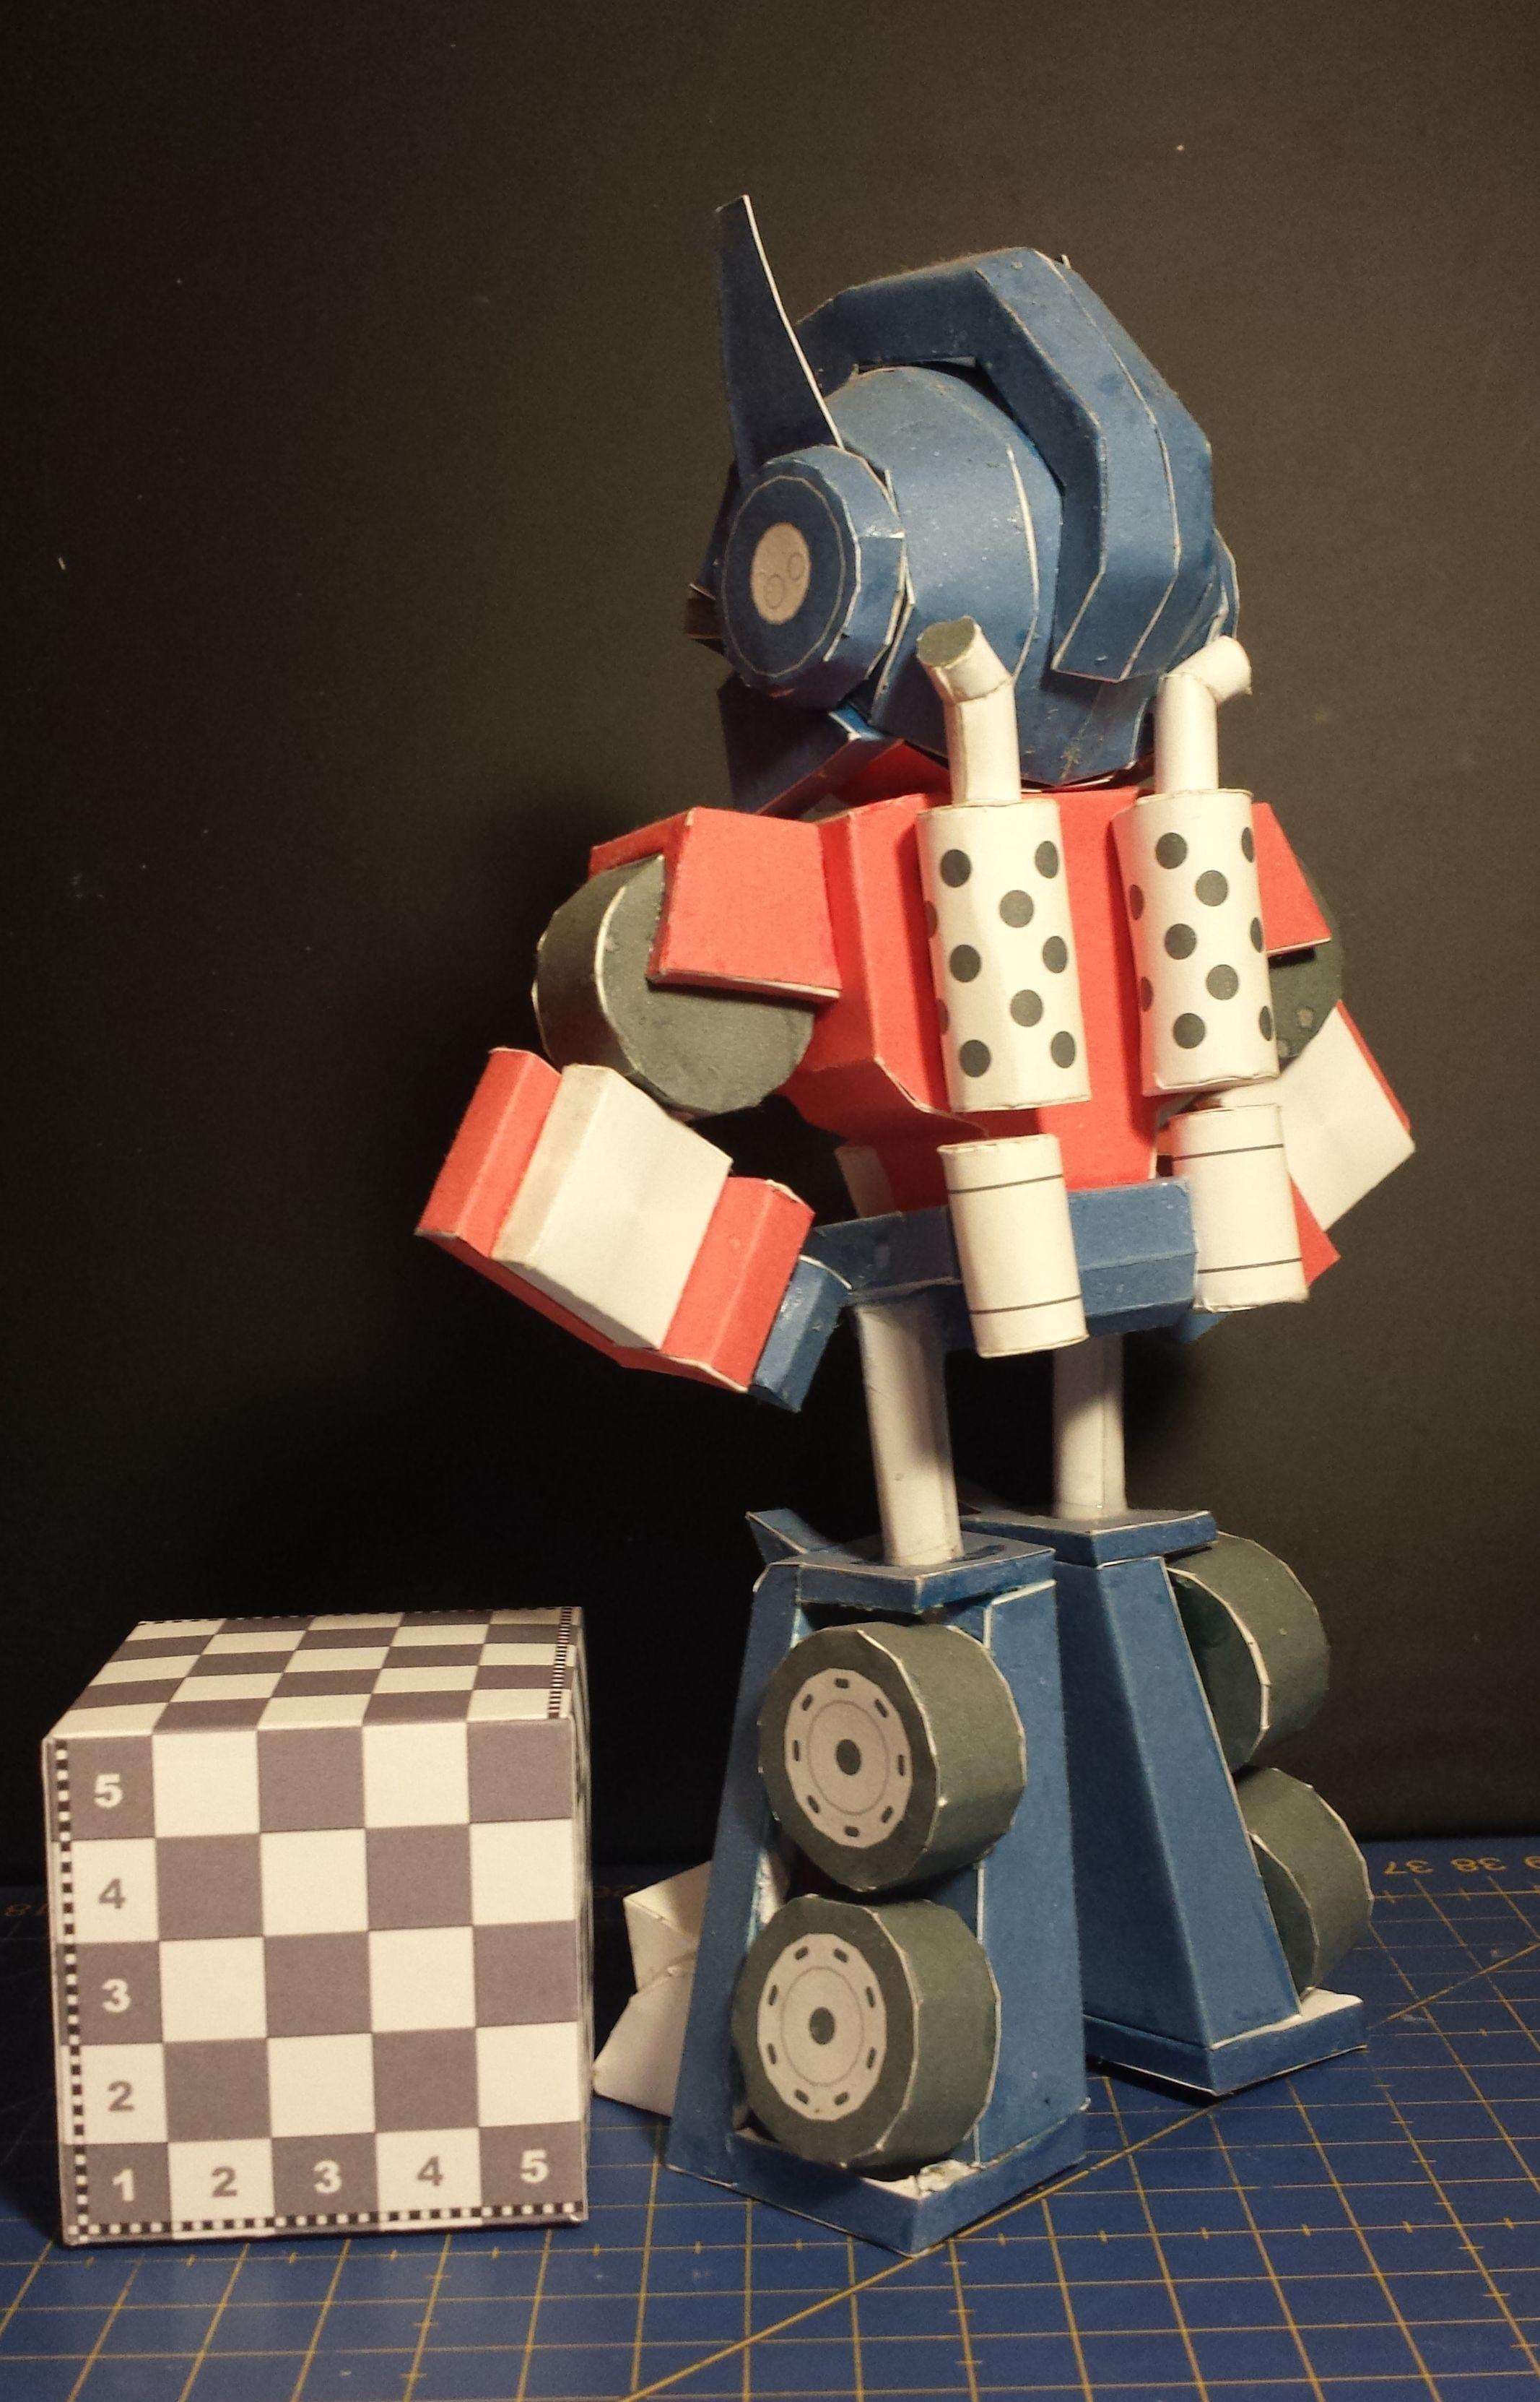 Mass Effect Papercraft Figura De Angry Bird Transformers Red Optimus Prime Modelo